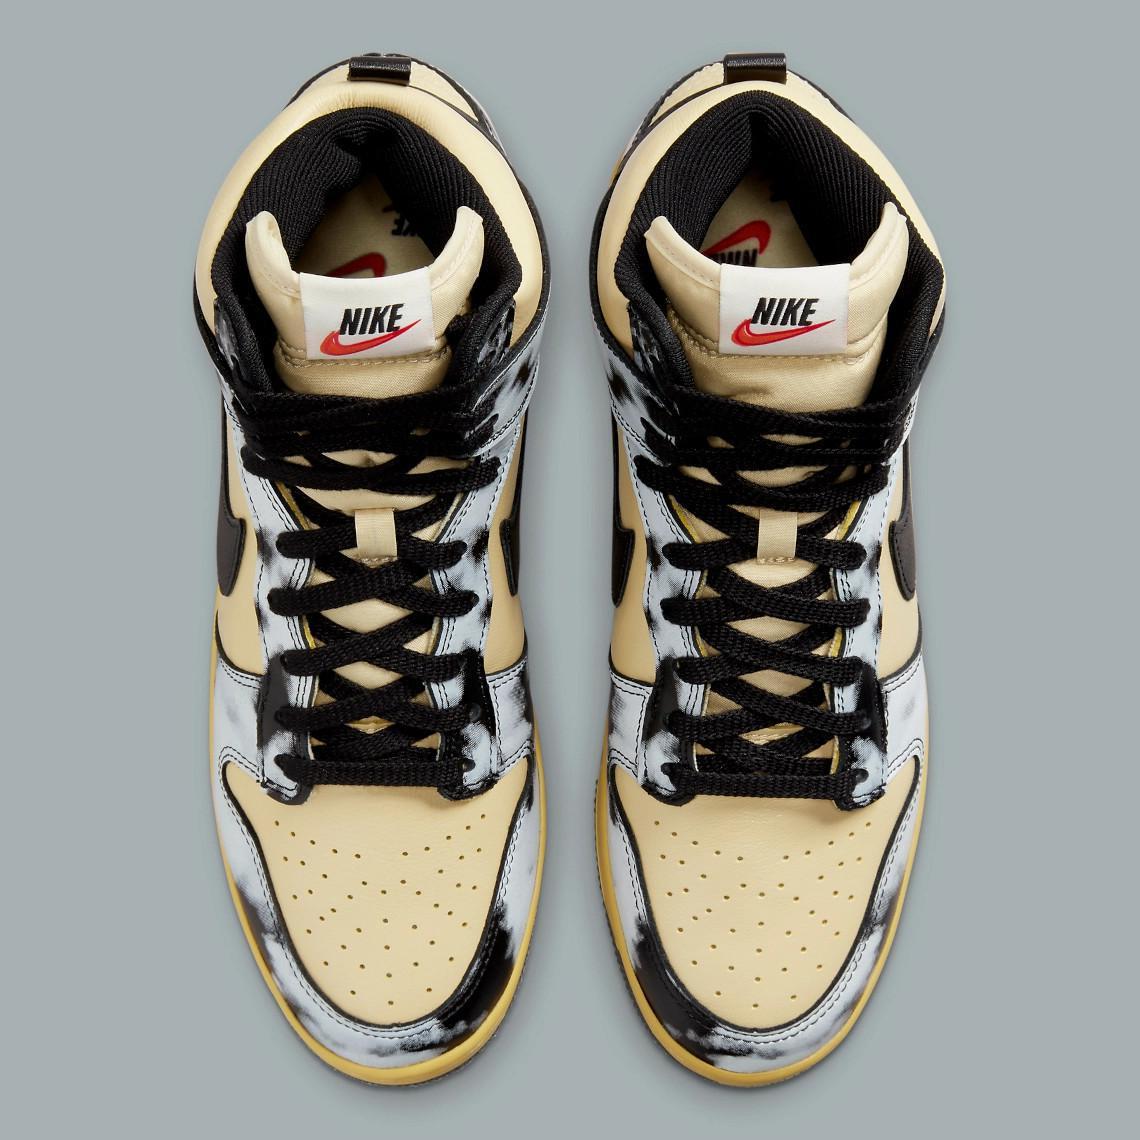 """Images officielles de la Nike Dunk High 1985 """"Acid Wash"""" en gris"""